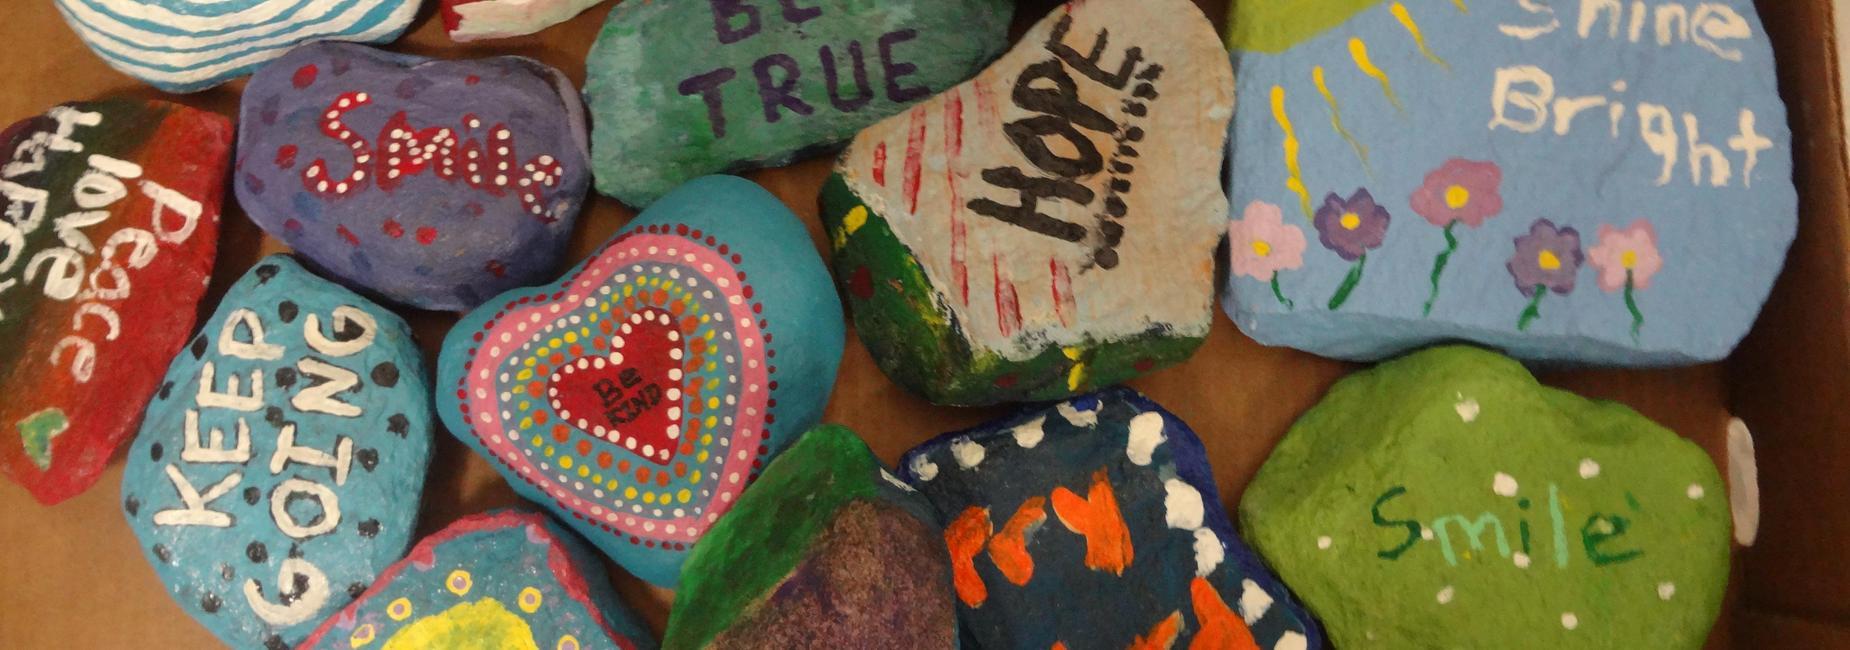 Middle School Rocks!